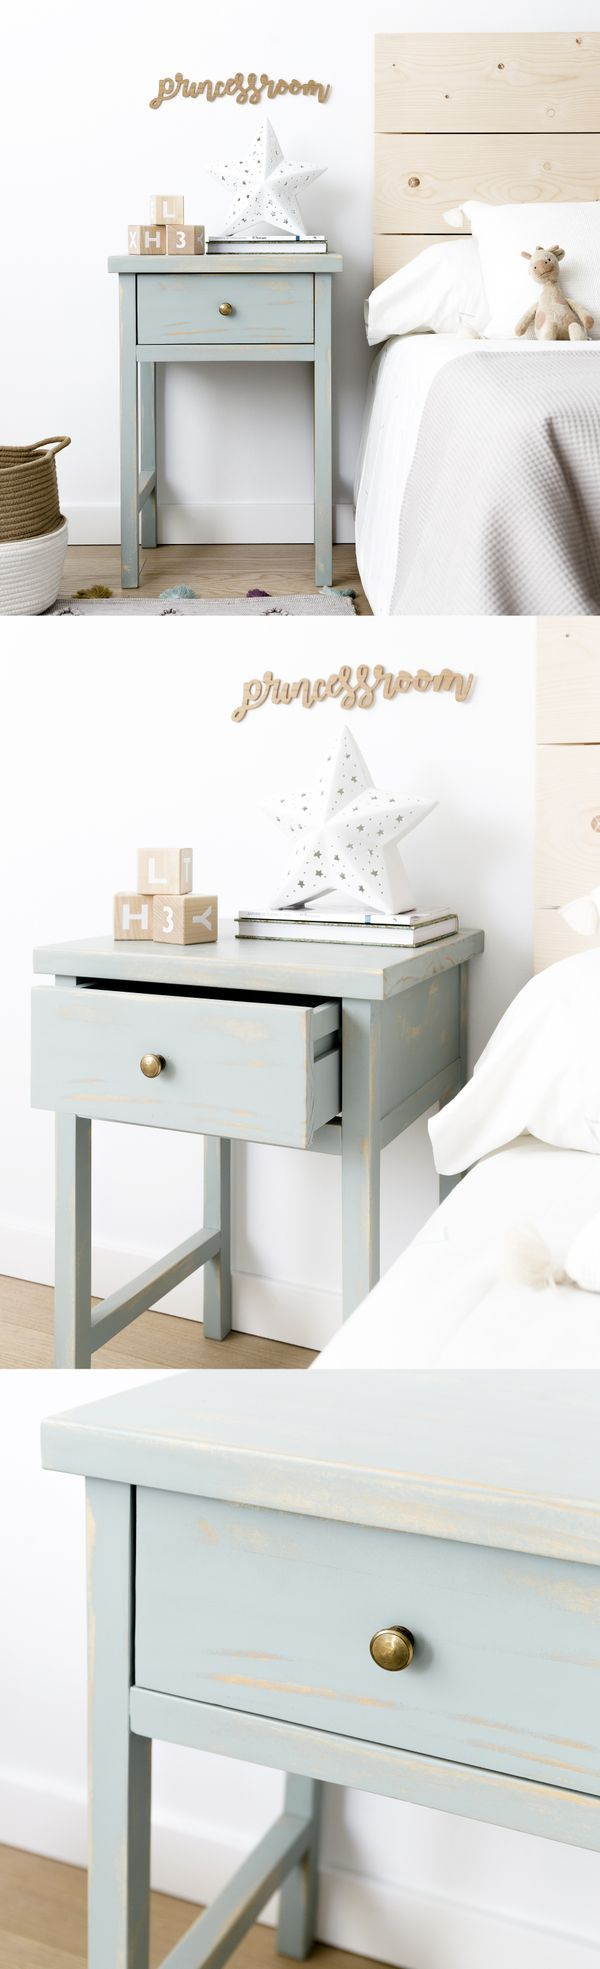 Mesita Fred | Perfecta para dar un toque nórdico y desenfadado a tu dormitorio. Es de madera, pintada en color menta decapado y tiene un amplio cajón, el cual te permite almacenar aquello que desees tener más a mano.  #kenayhome #kenay #home #nordik #scandi #interior #design #whiteinterior #white #mint #blue #bed #bedroom #bedside #wood #madera #night #menta #deco #decoration #decoración #style #kids #cabecero #nyssel #princessroom #cesto #mesita #mesitadenoche